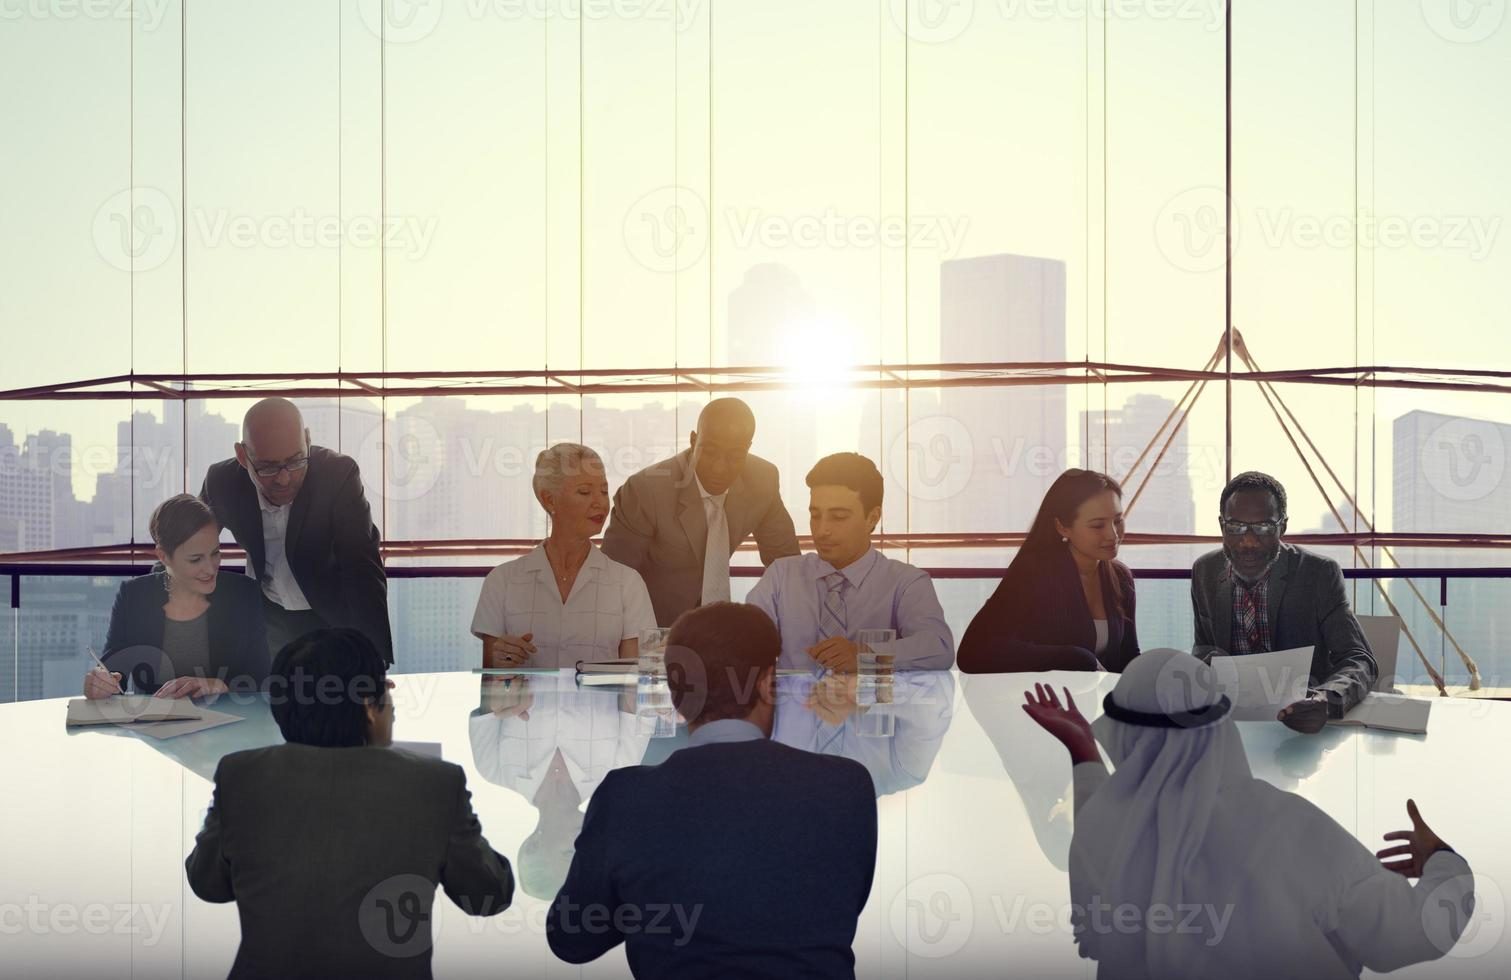 pessoas de negócios, conhecer o conceito de equipe paisagem urbana foto